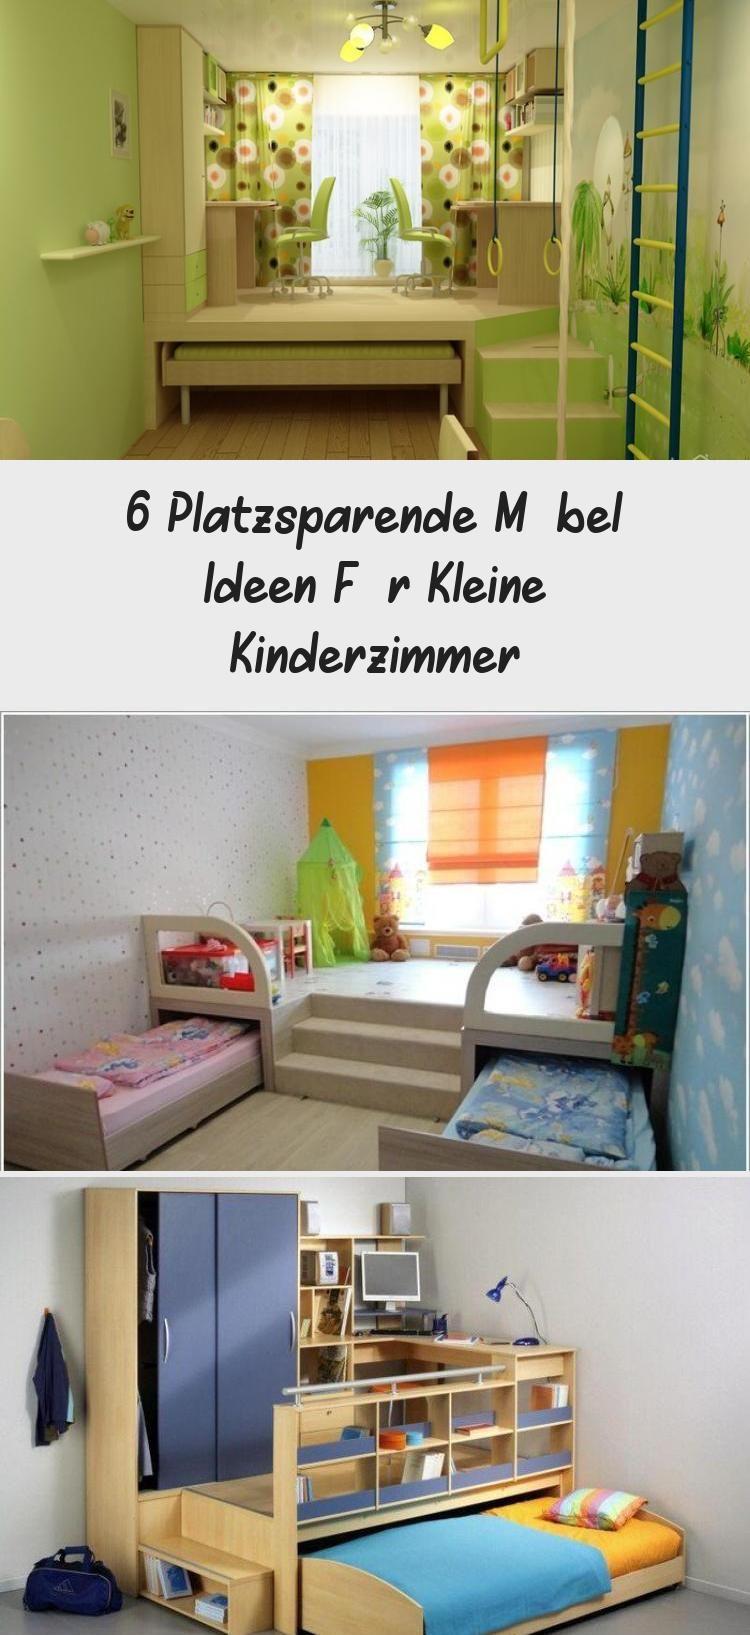 6 Platzsparende Mobel Ideen Fur Kleine Kinderzimmer Home Decor